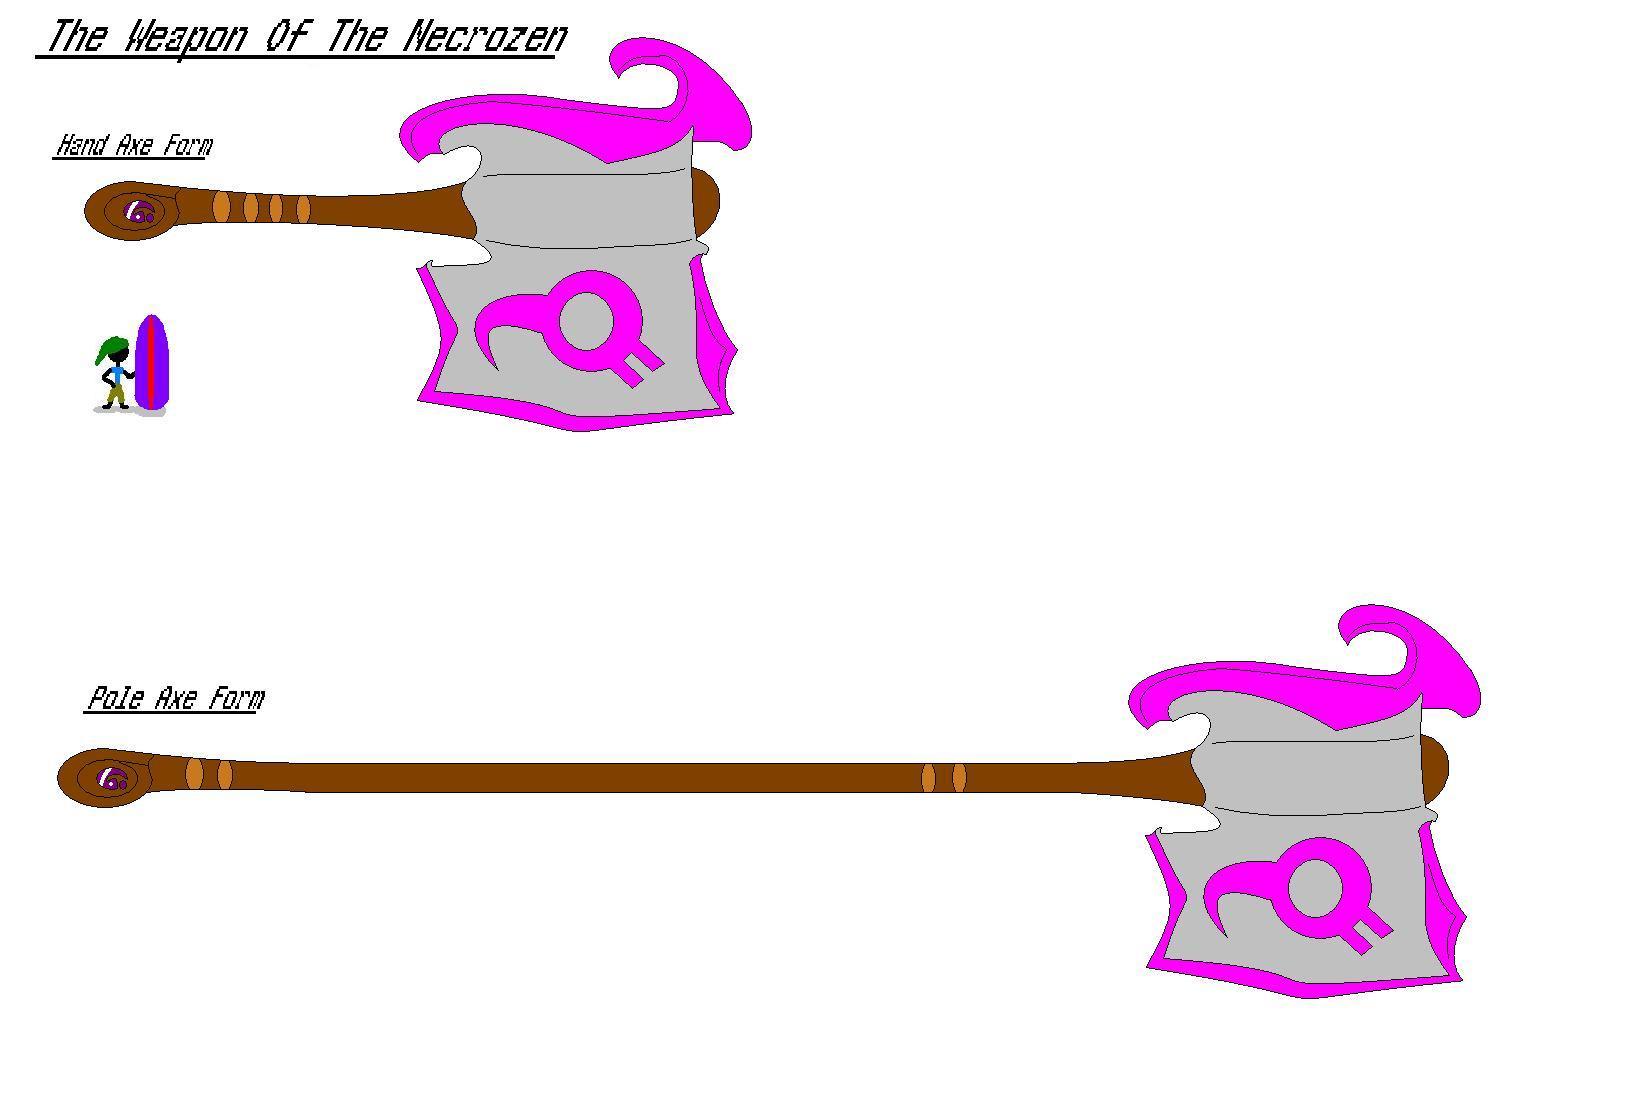 Necrozen Weapon of Choice